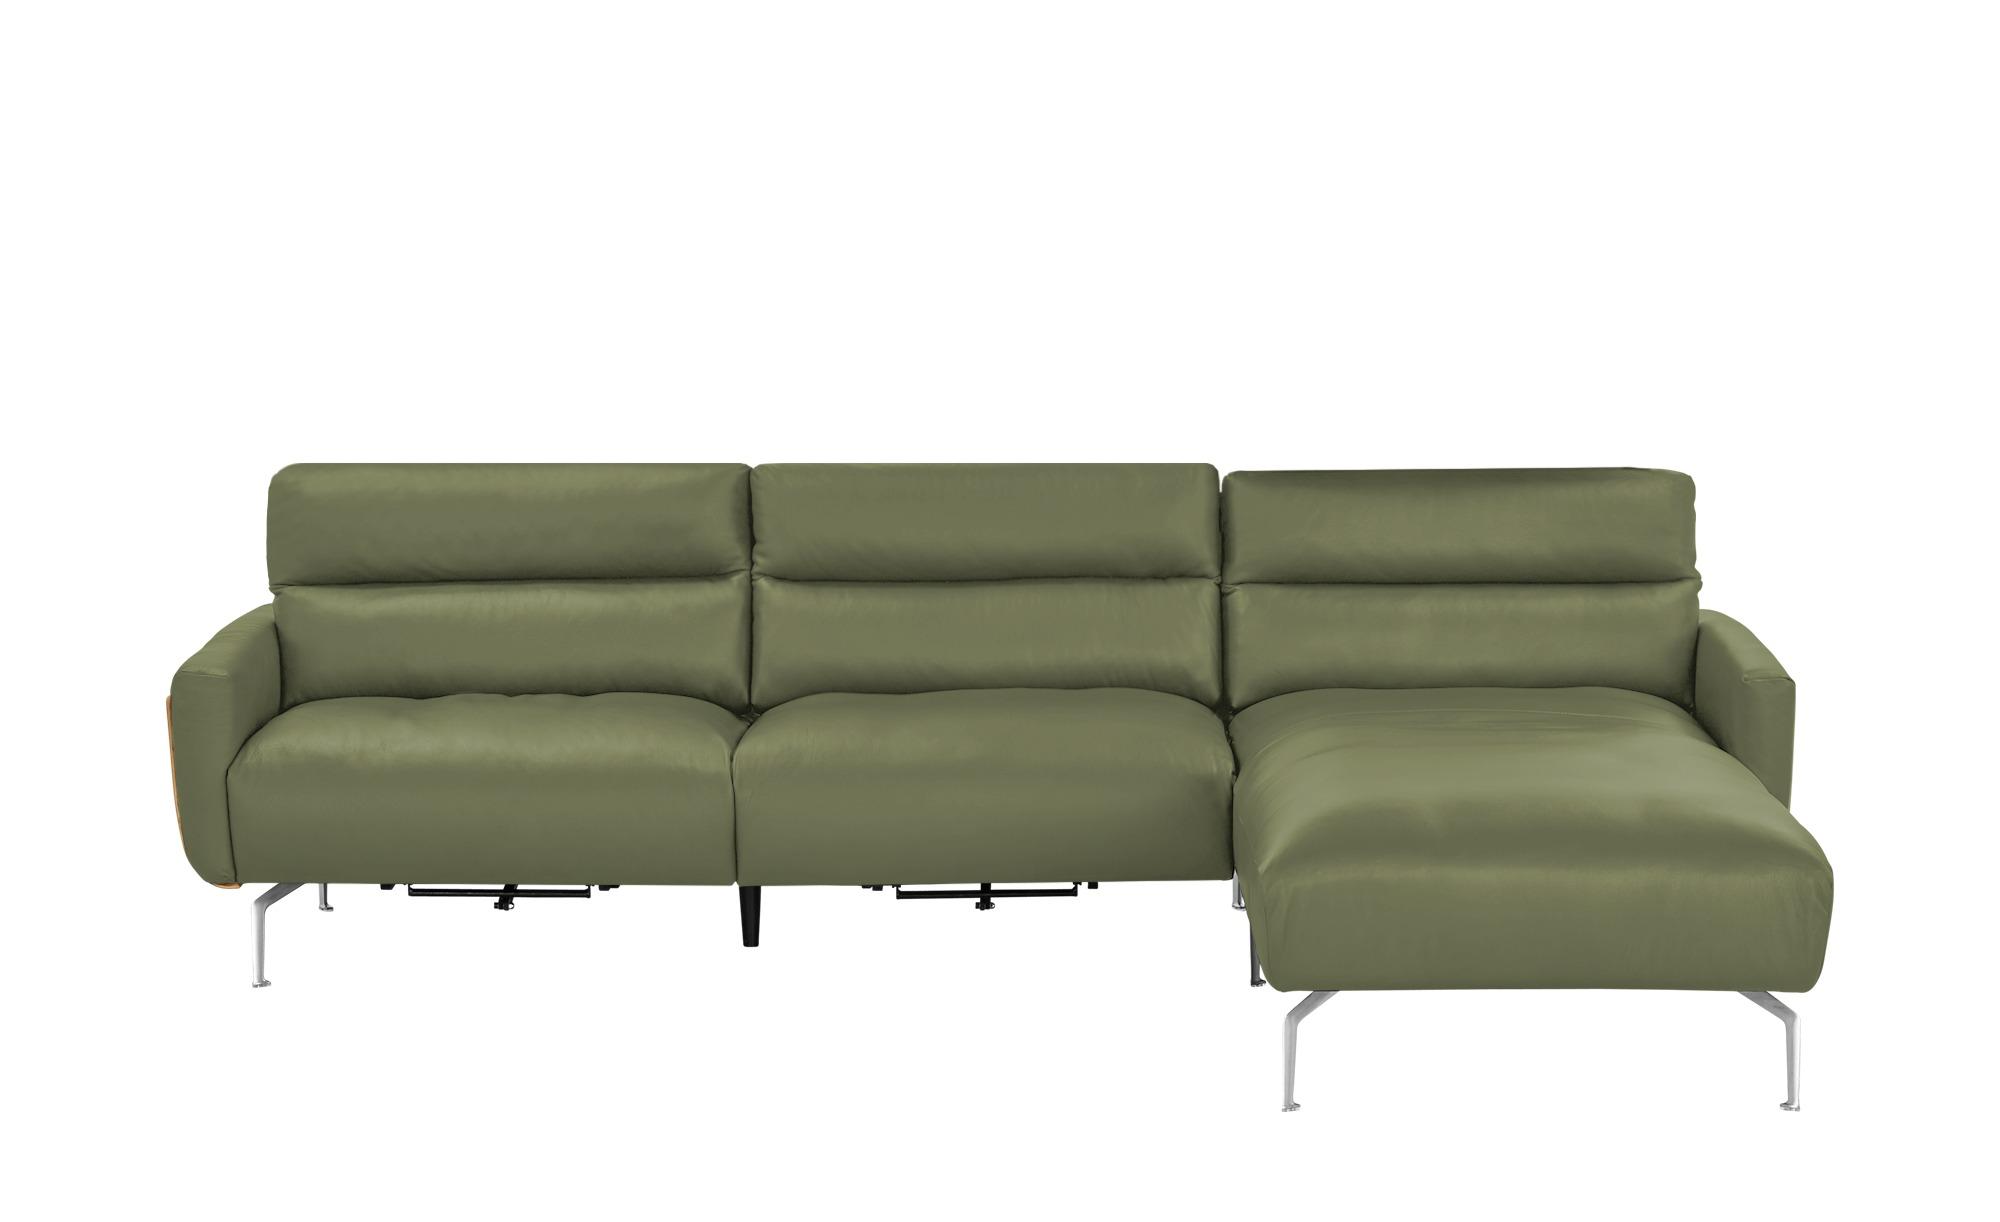 Ecksofa olivgrün - Leder Mads ¦ grün ¦ Maße (cm): H: 90 Polstermöbel > Sofas > Ledersofas - Höffner